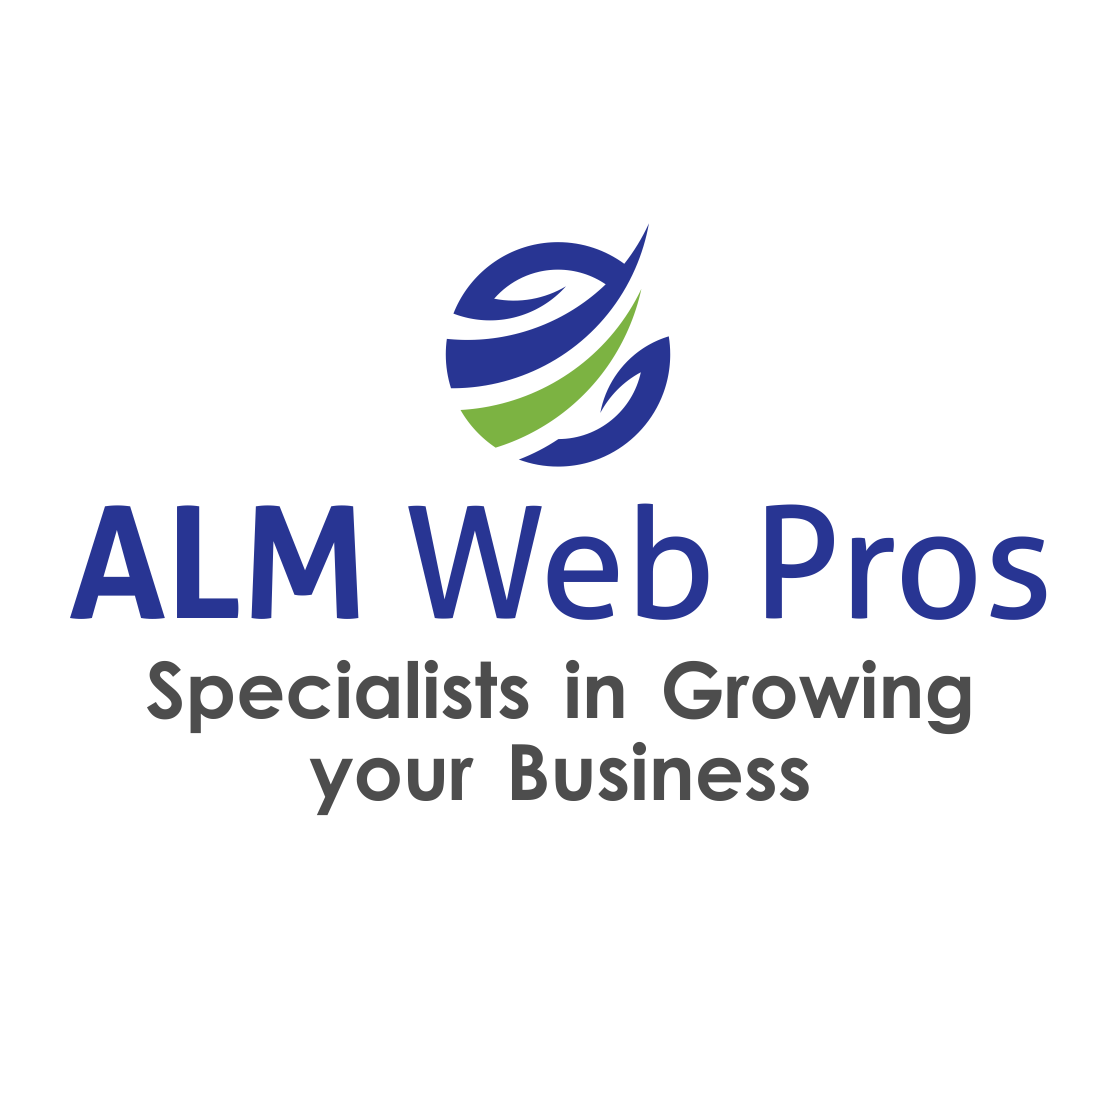 ALM Web Pros LLC image 4